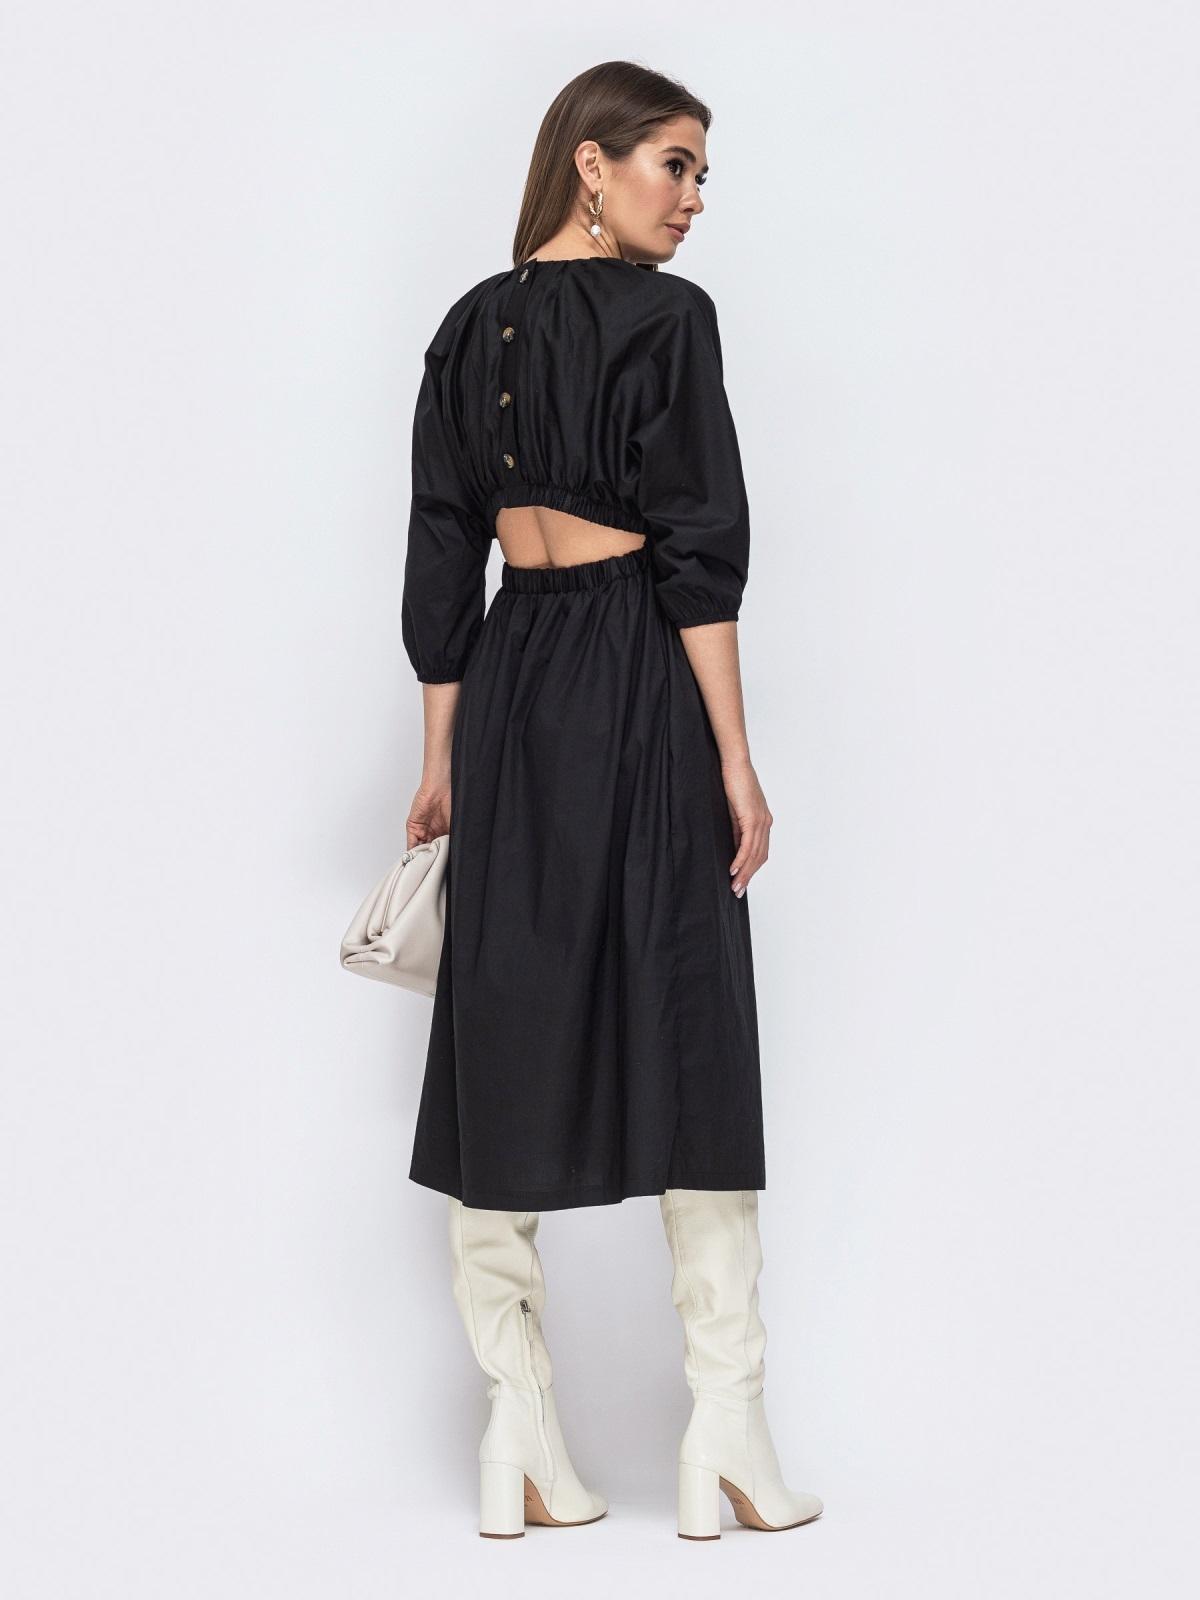 Чёрное платье из хлопка с резинкой по талии 44785, фото 1